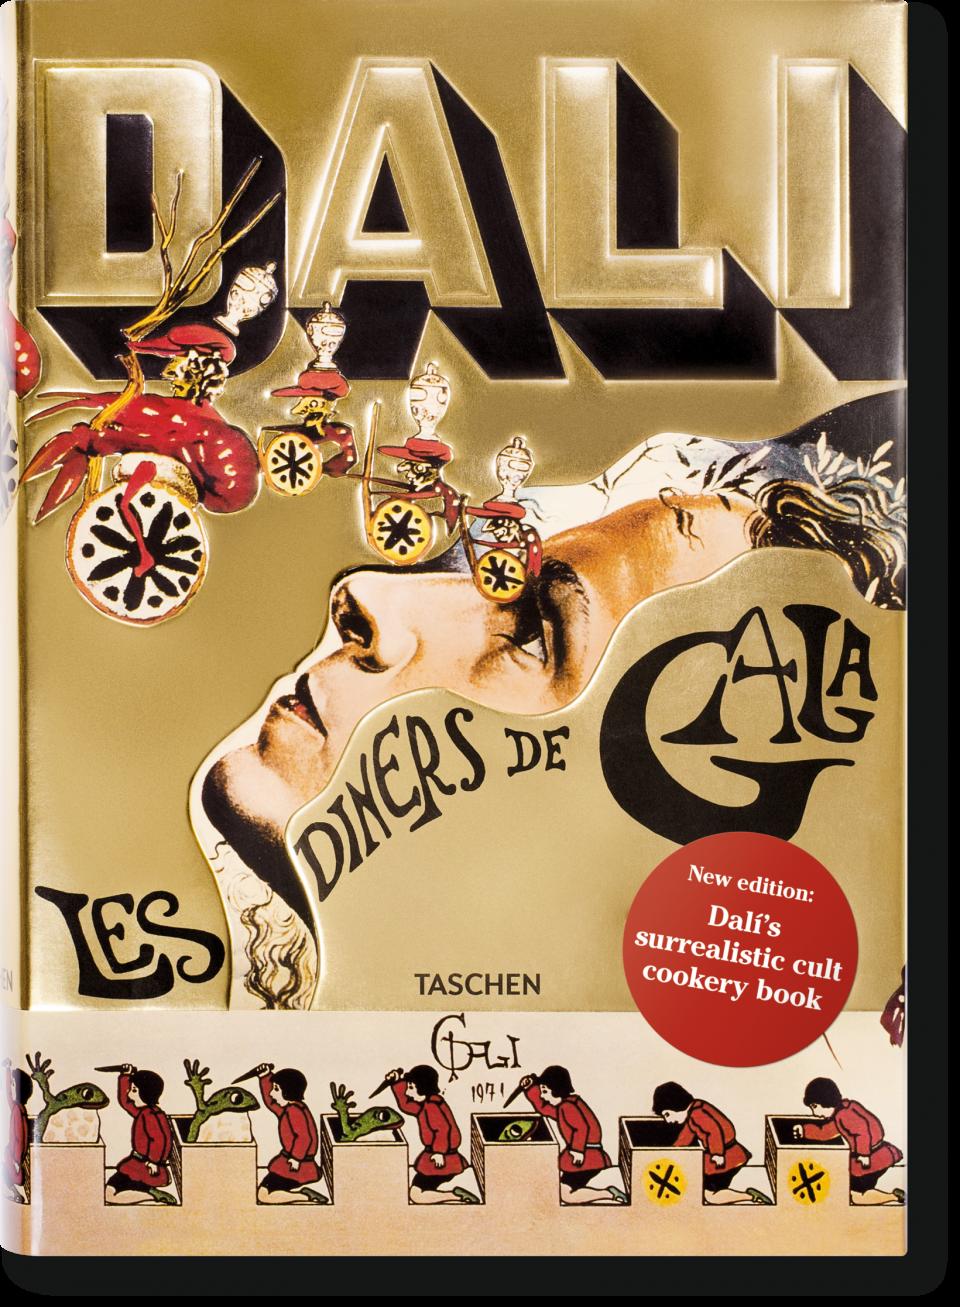 dali_diners_de_gala_va_gb_3d_sticker_04639_1611081821_id_1071839.png